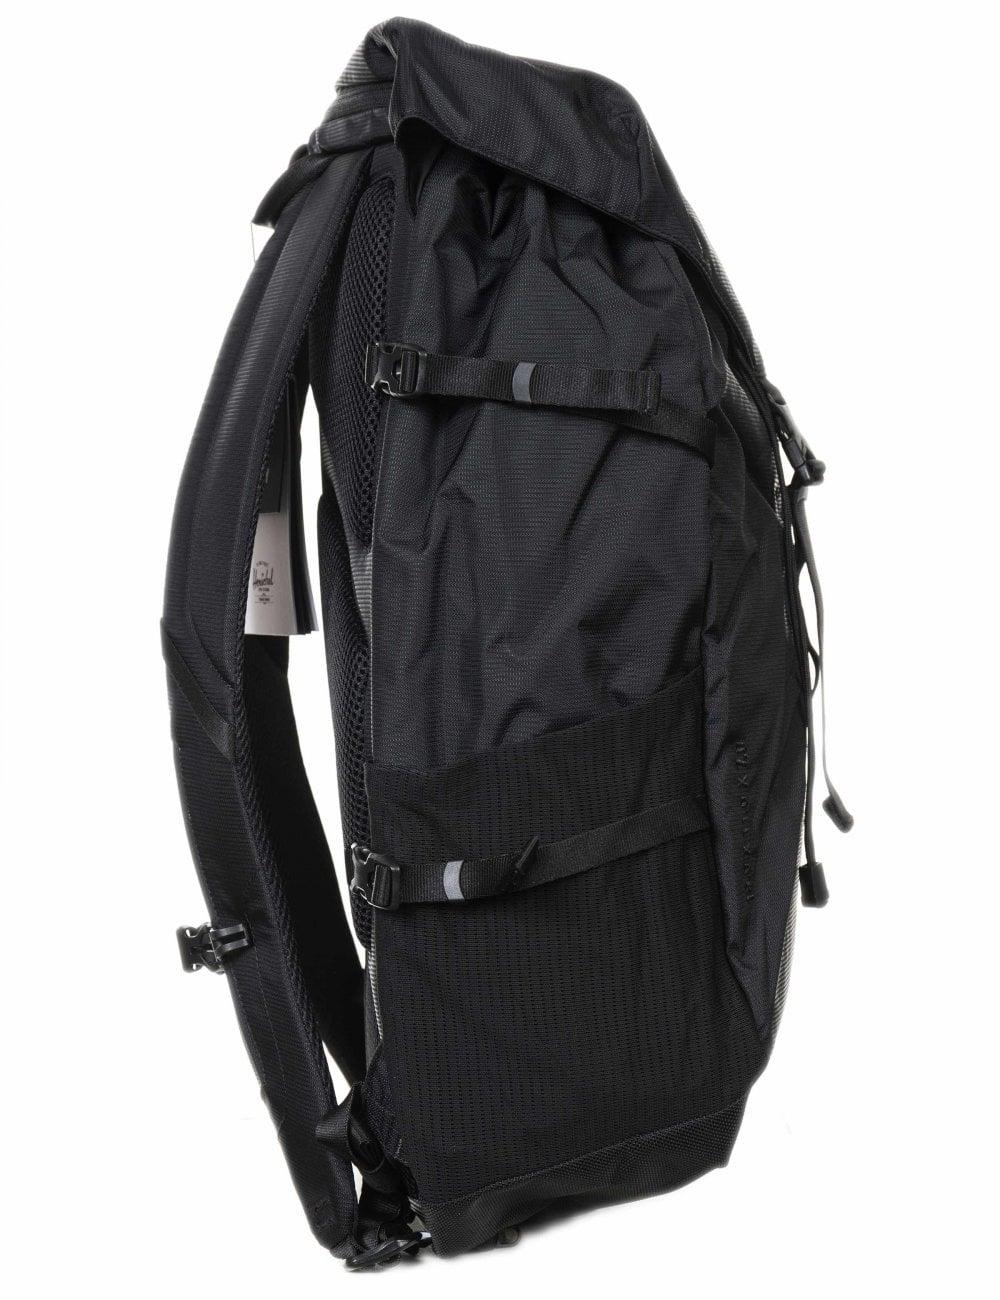 59c8009c013 Herschel Supply Co Barlow Trail Backpack Large 27L - Black ...